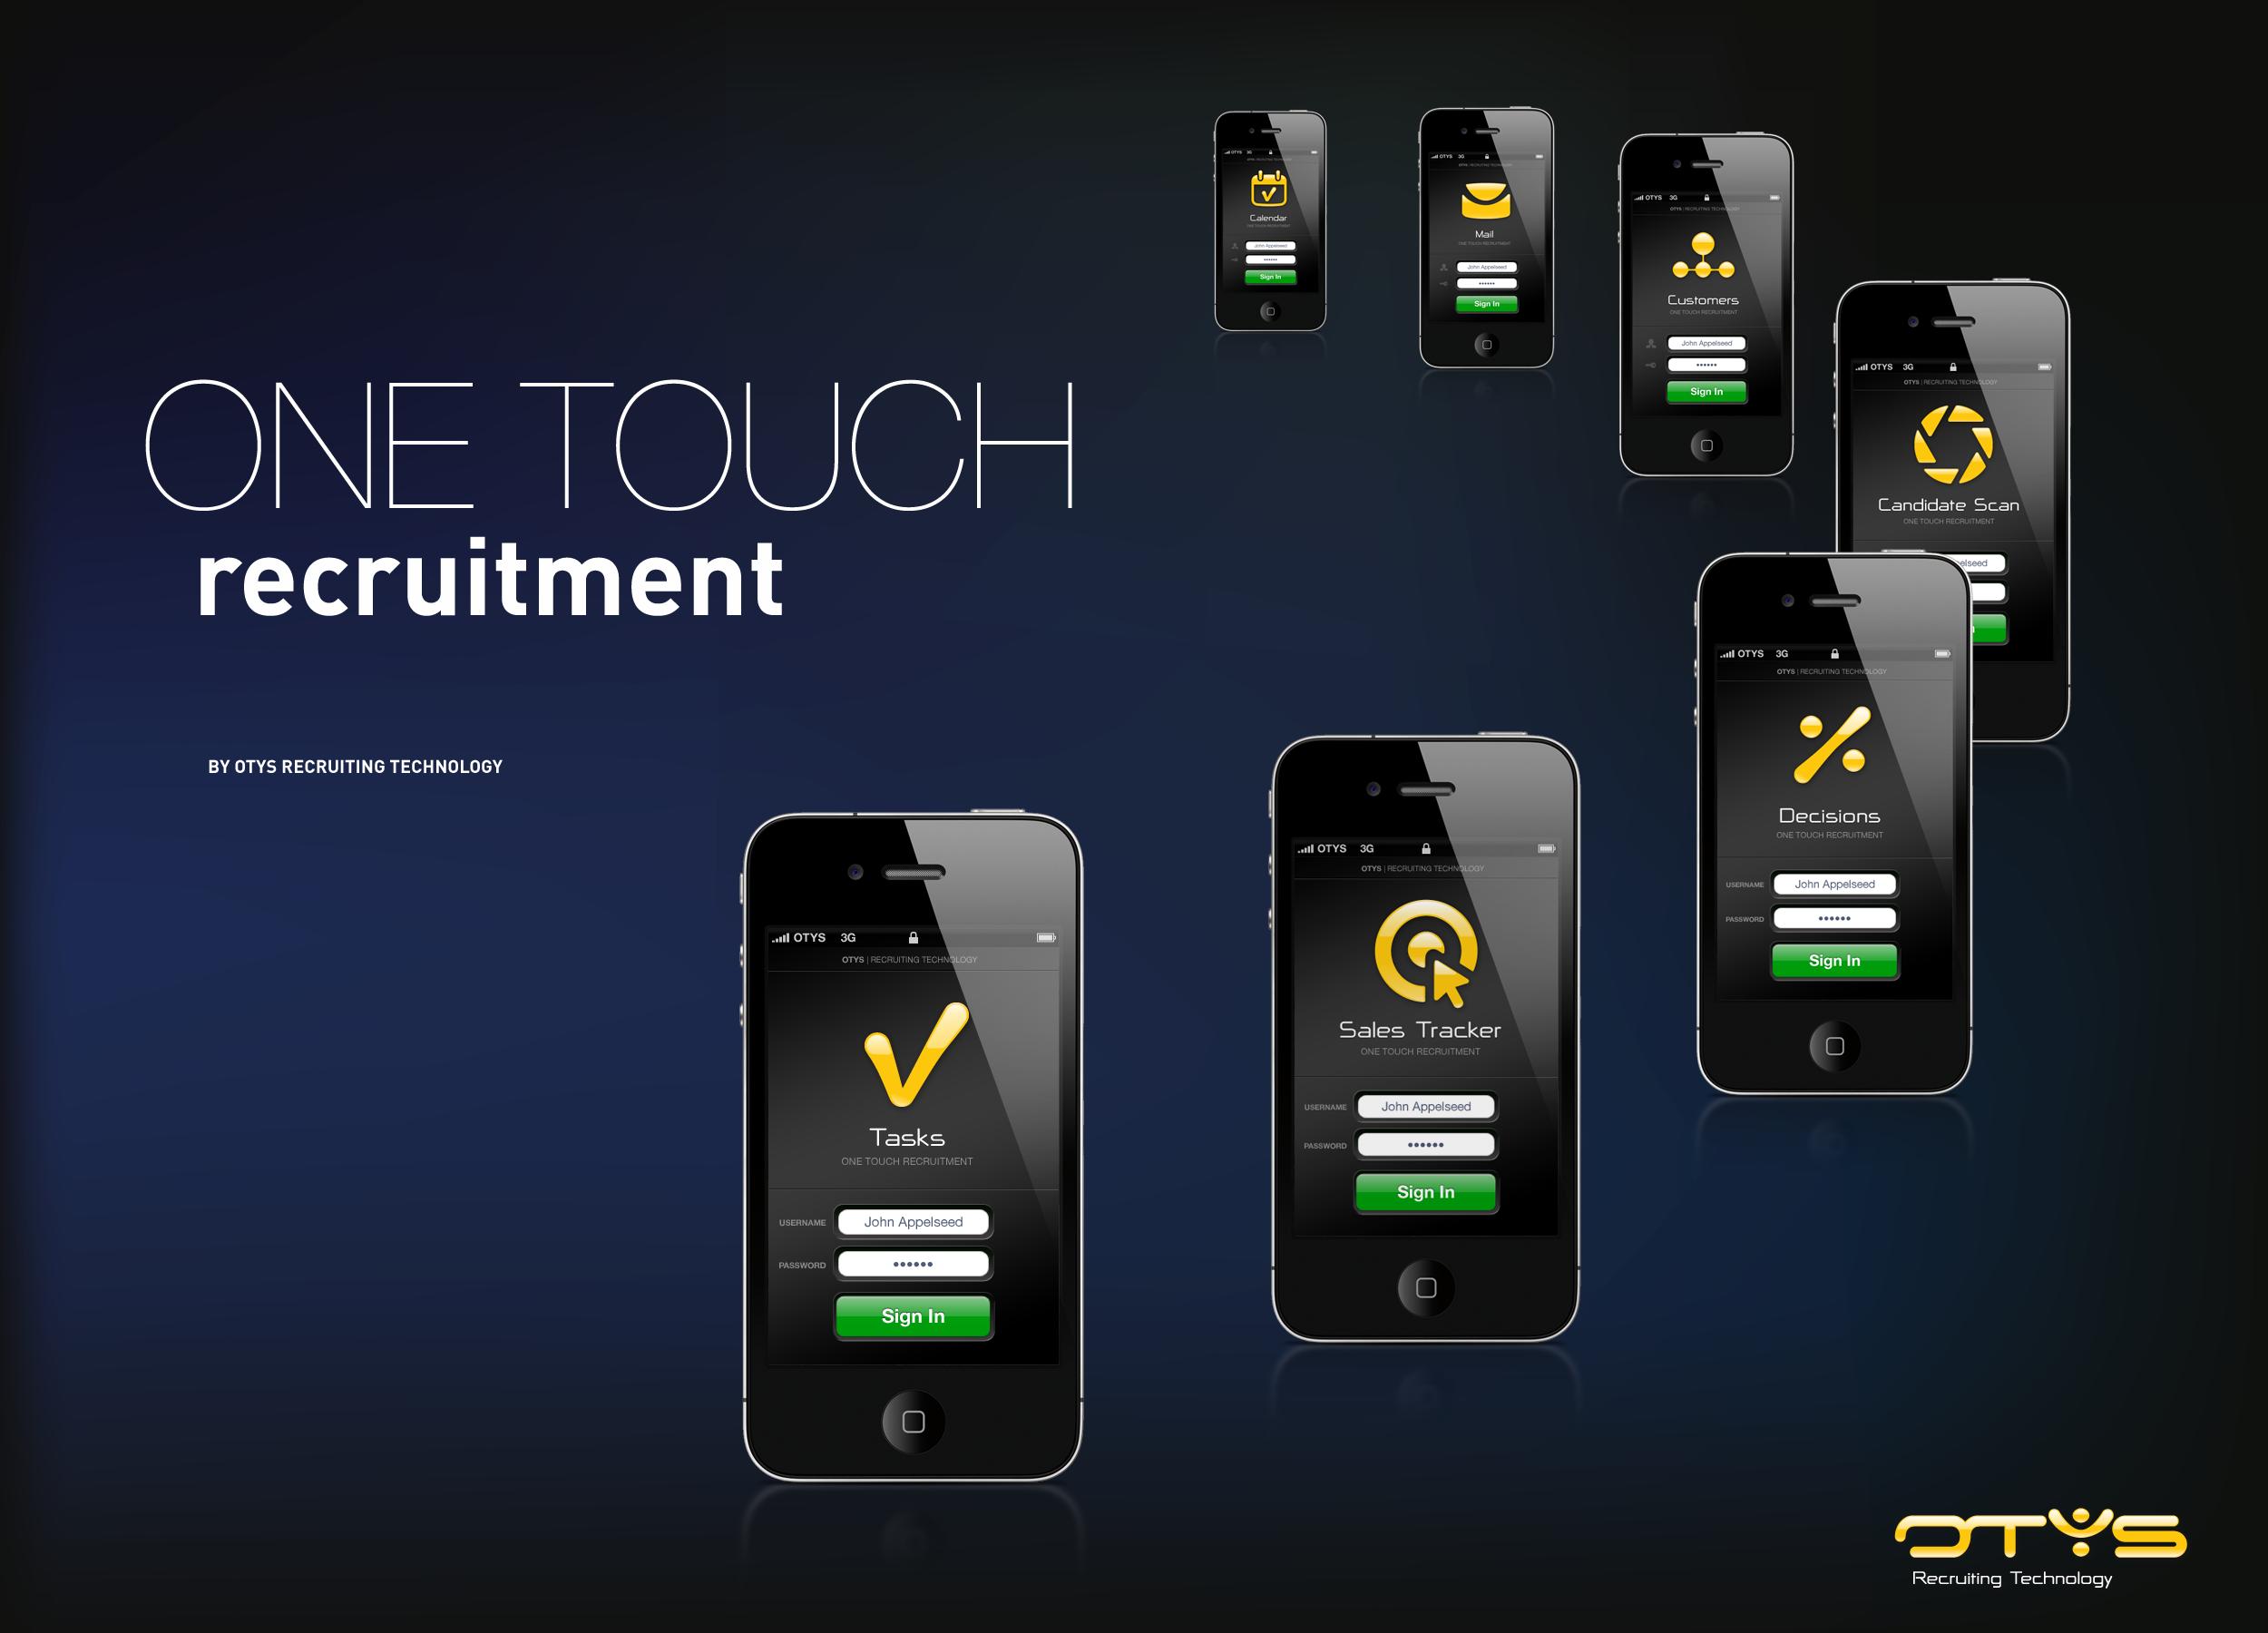 """Gisteren lanceerde OTYS Recruiting Technology zijn nieuwste productlijn """"One Touch Recruitment"""" tijdens het feest ter gelegenheid van het tienjarige bestaan van het bedrijf. OTYS is de eerste ATS-leverancier die met deze nieuwe productlijn recruiters de gelegenheid geeft hun gehele recruitment workflow te digitaliseren, 24/7 en plaatsonafhankelijk te kunnen reageren en […]"""